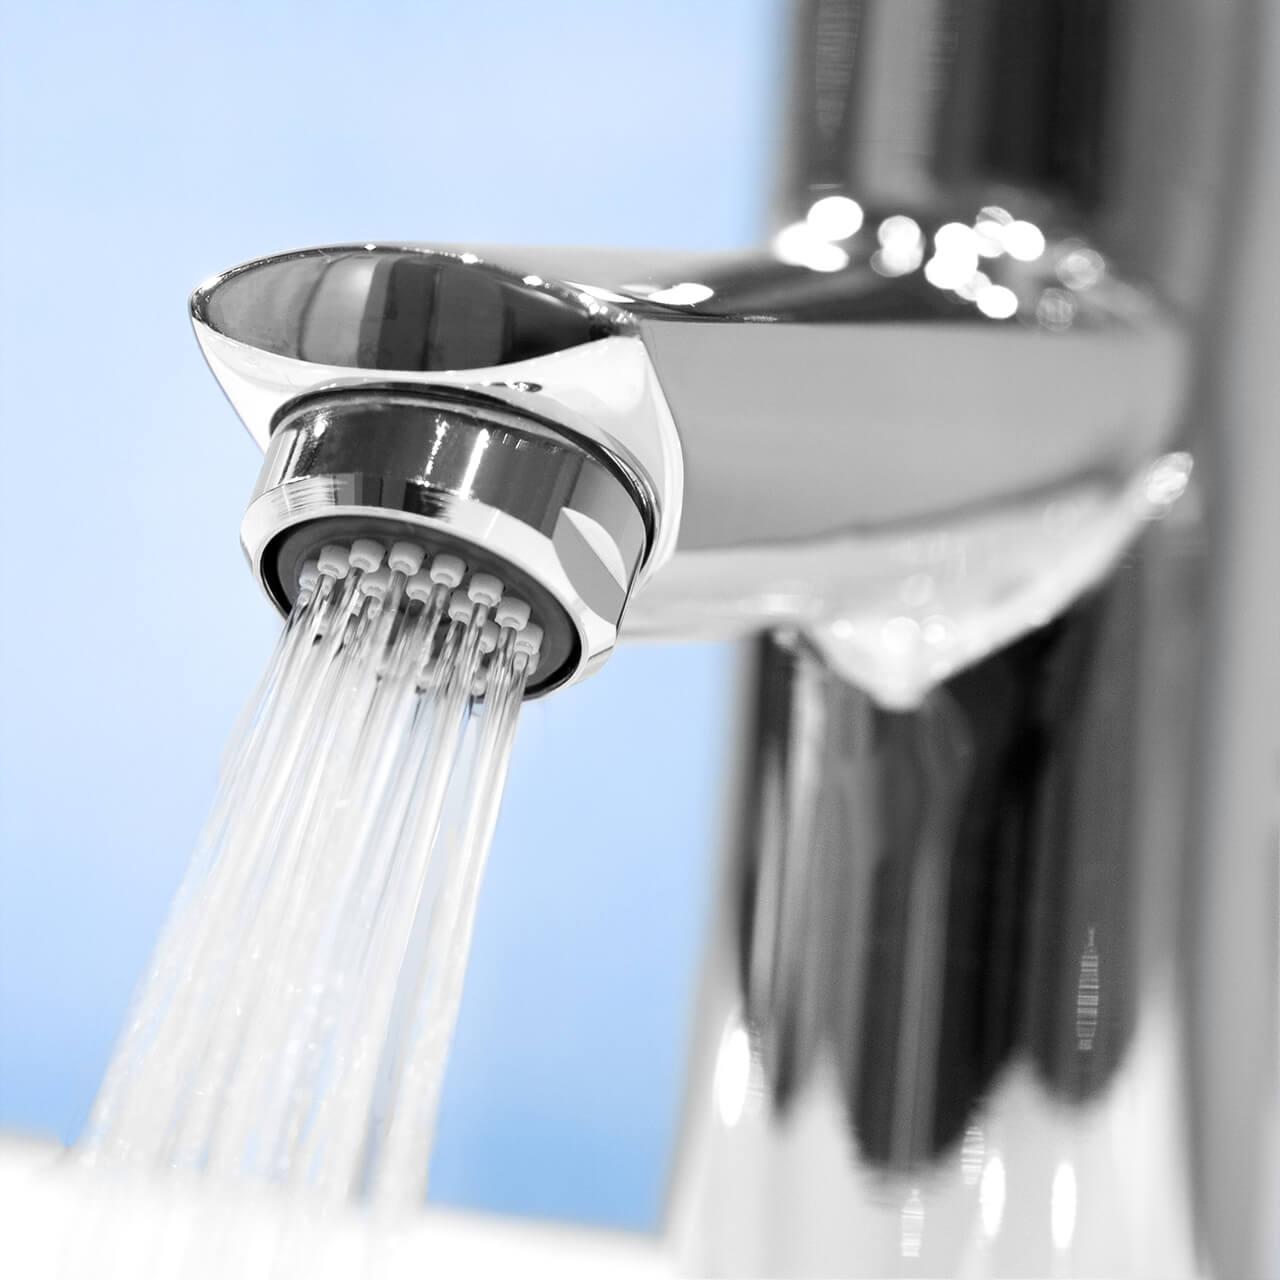 Aeratore per rubinetto Neoperl Spray 1.9 l/min - Filettatura